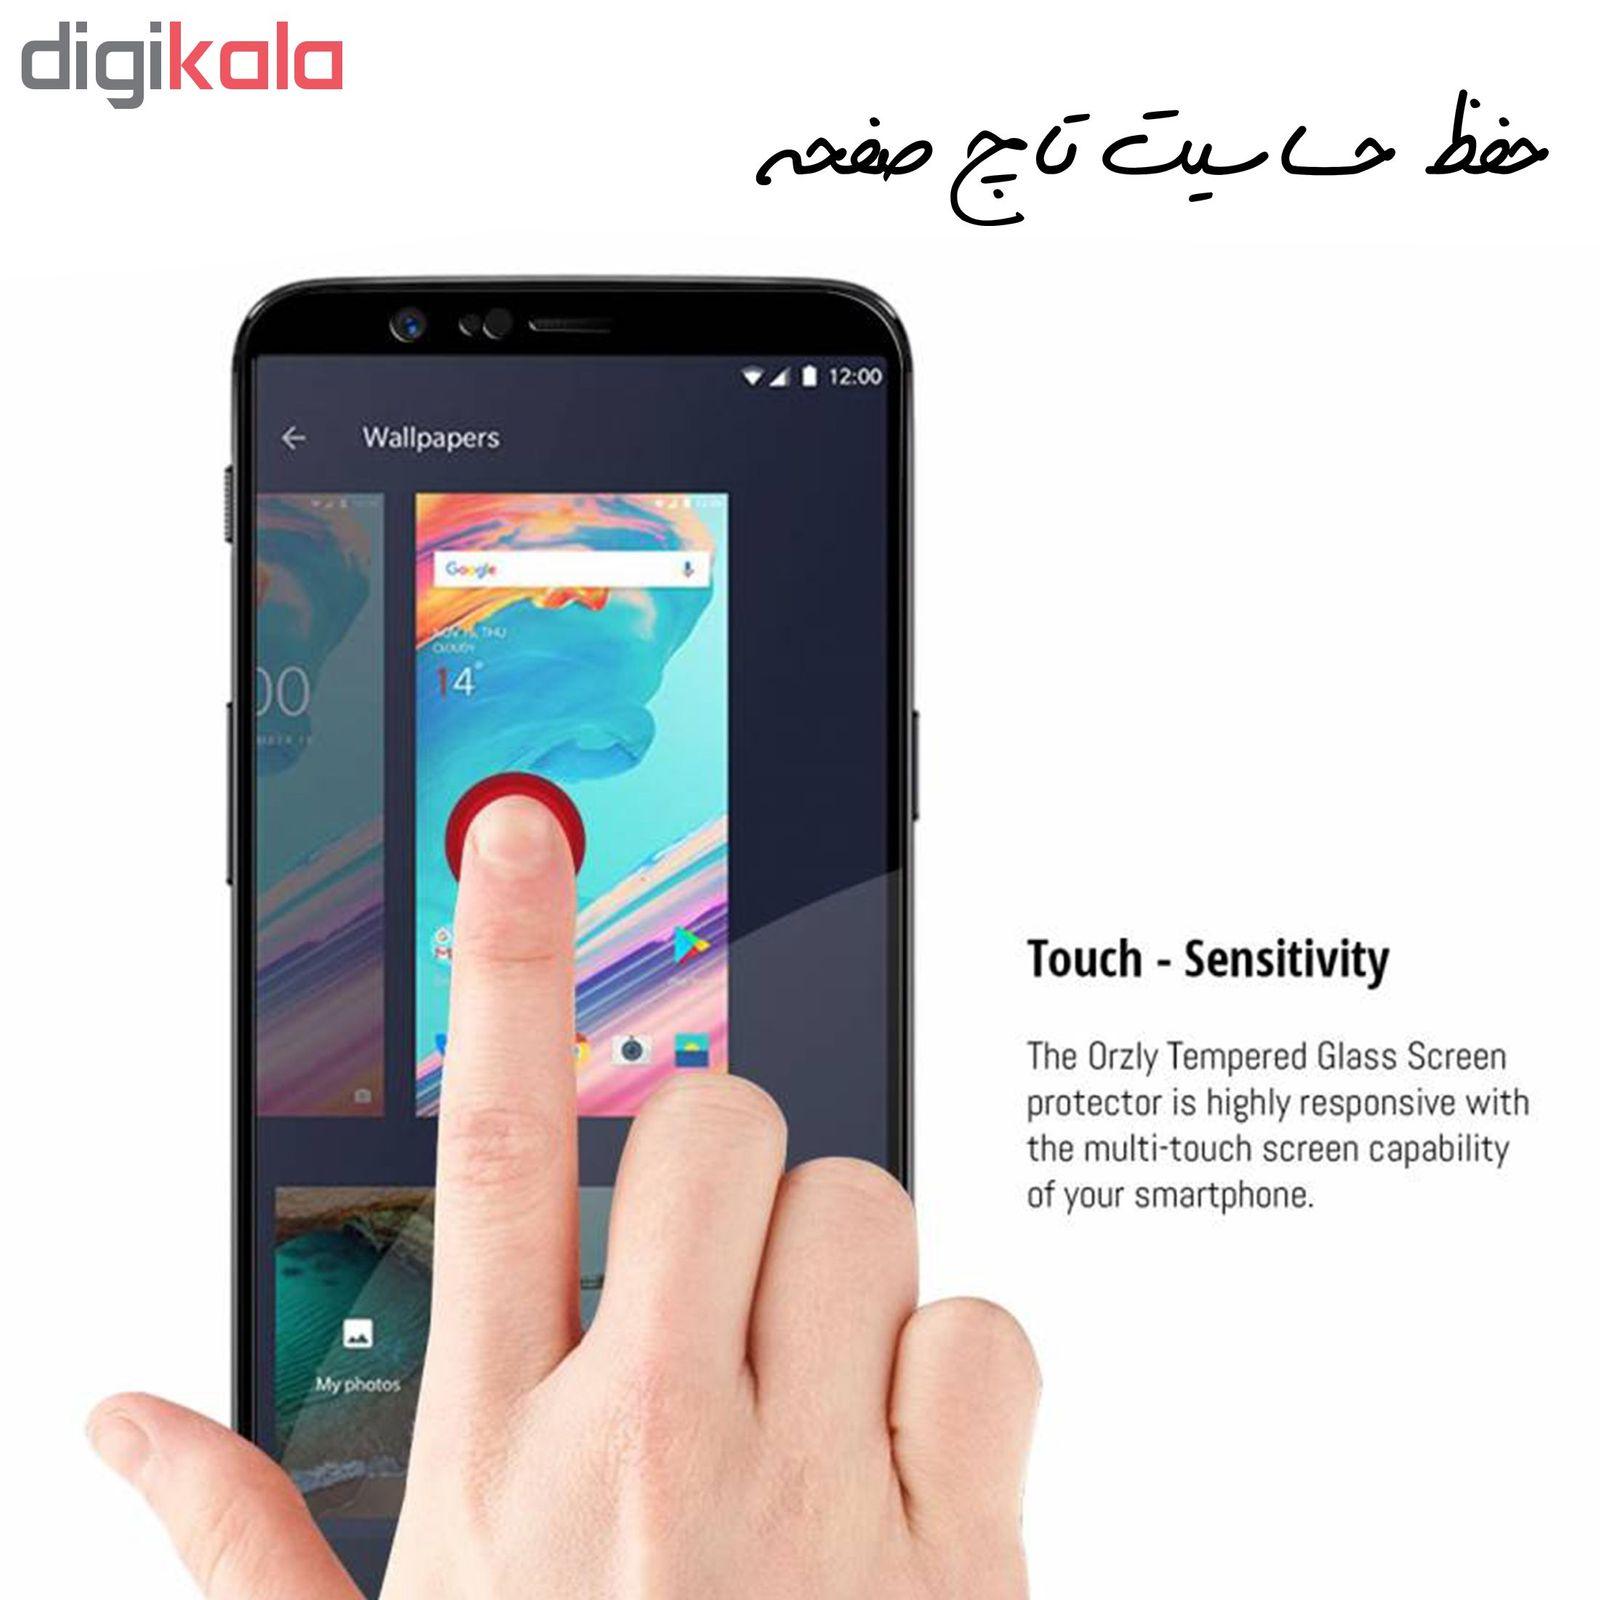 محافظ صفحه نمایش Hard and thick مدل F-001 مناسب برای گوشی موبایل سامسونگ Galaxy Note 8 main 1 6